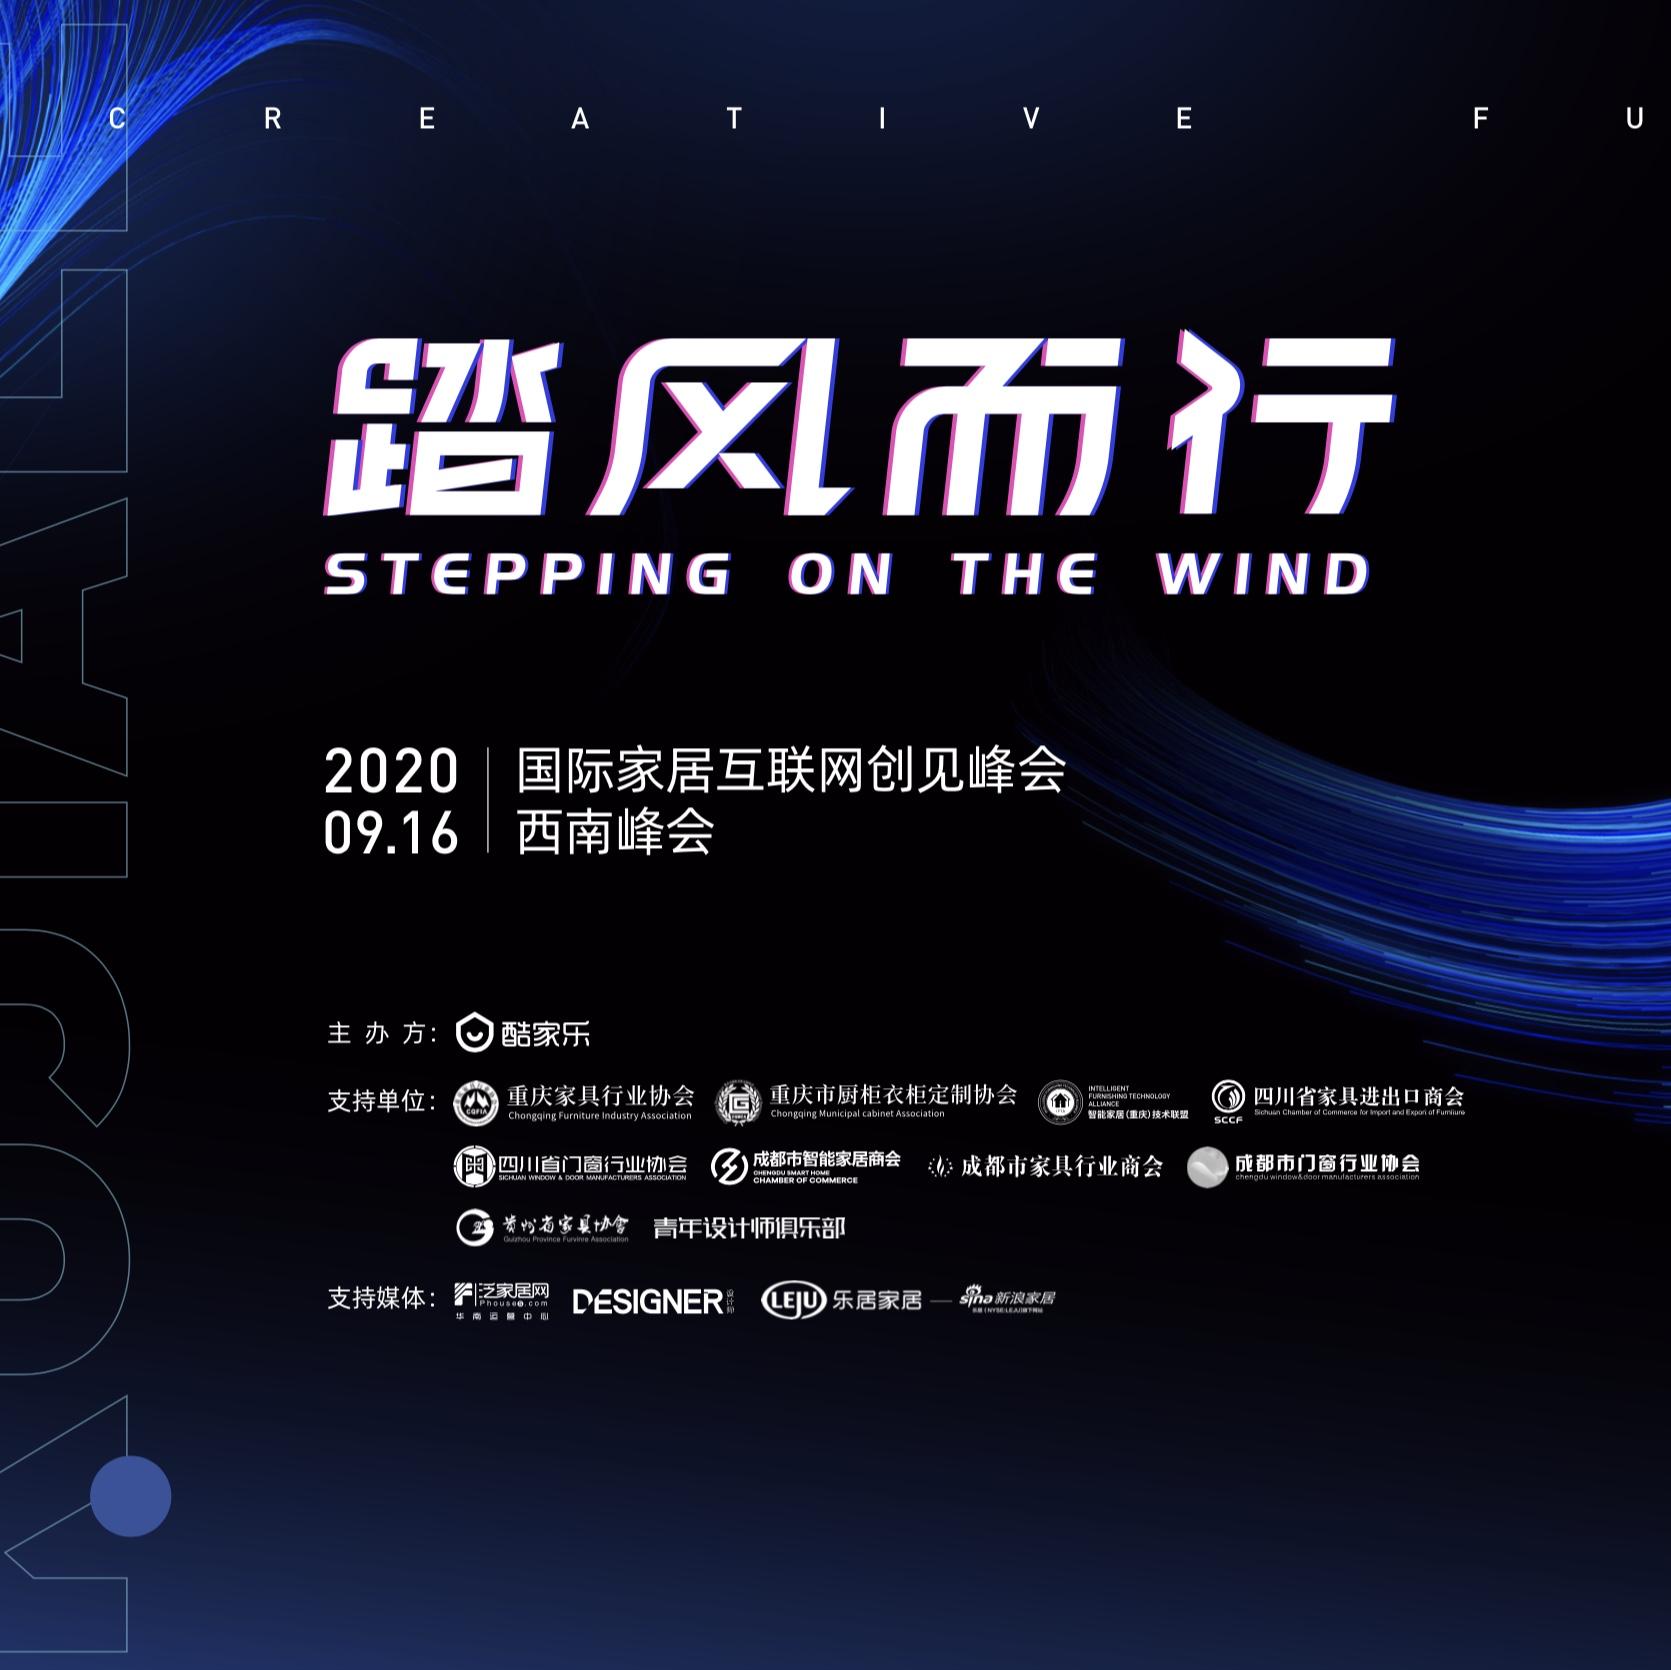 【泛家居网直播】2020国际家居互联网创见峰会·西南峰会